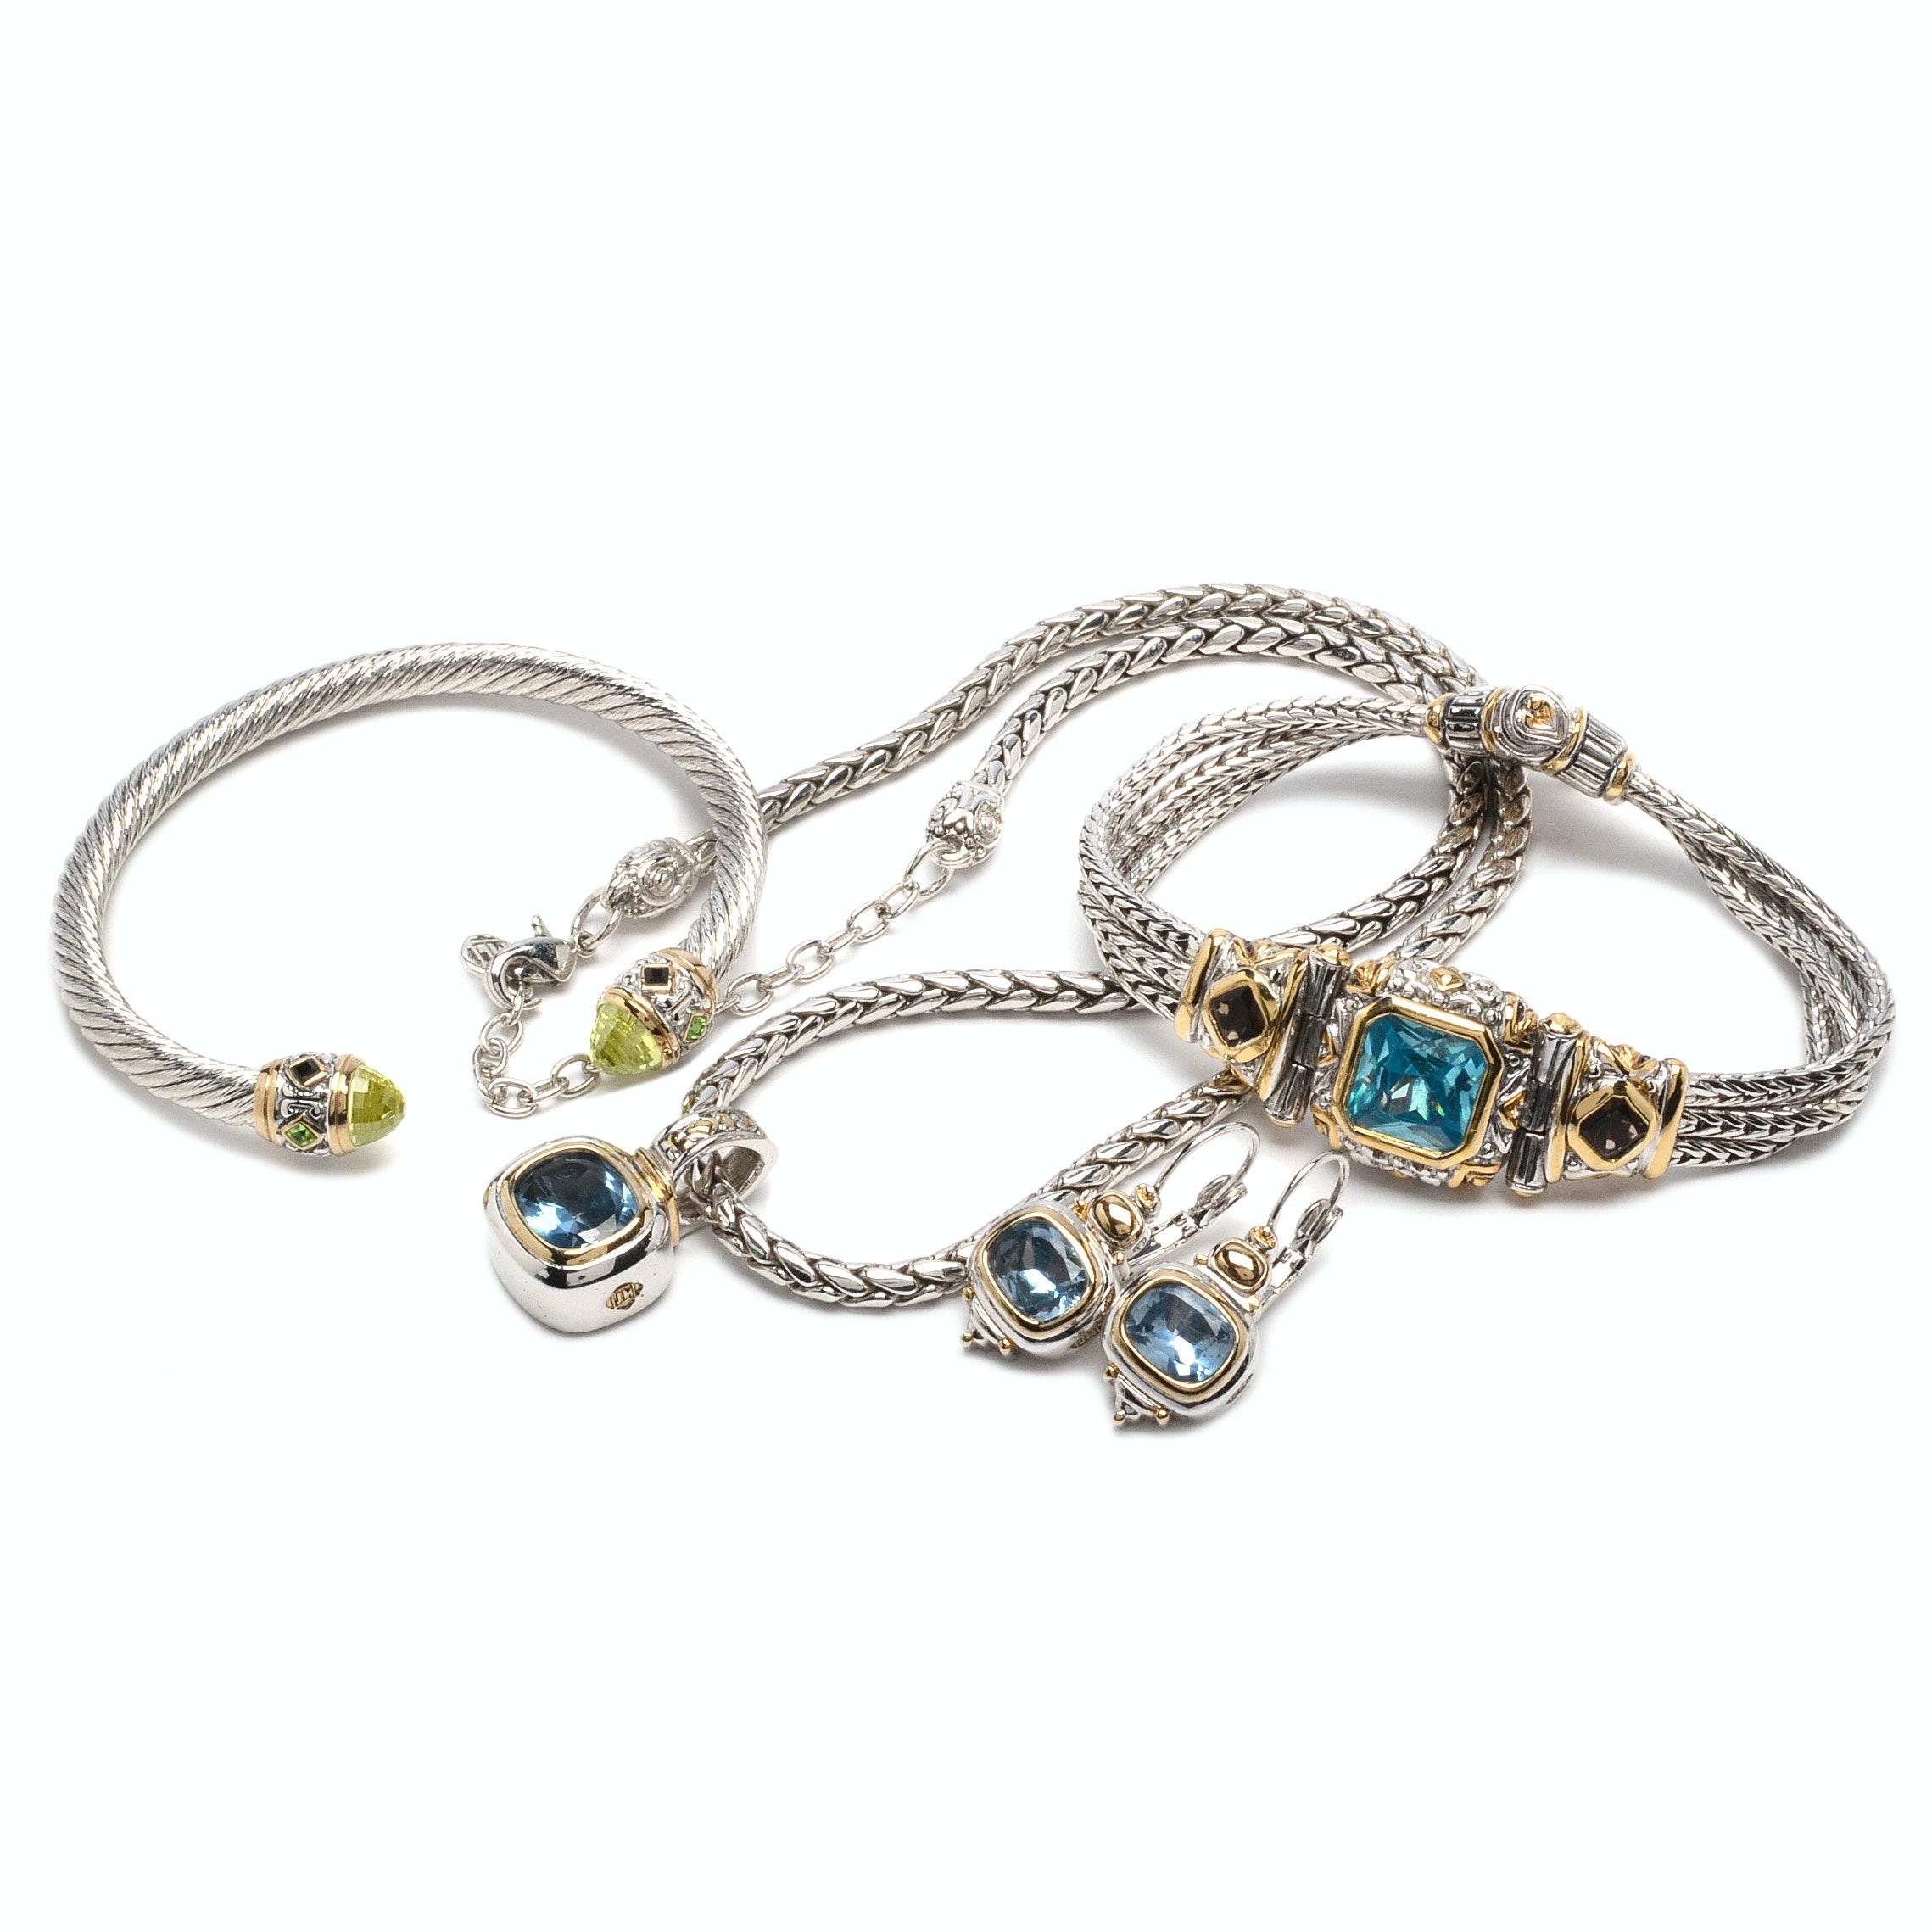 John Medeiros Blue Topaz And Smoky Quartz Jewelry Ebth